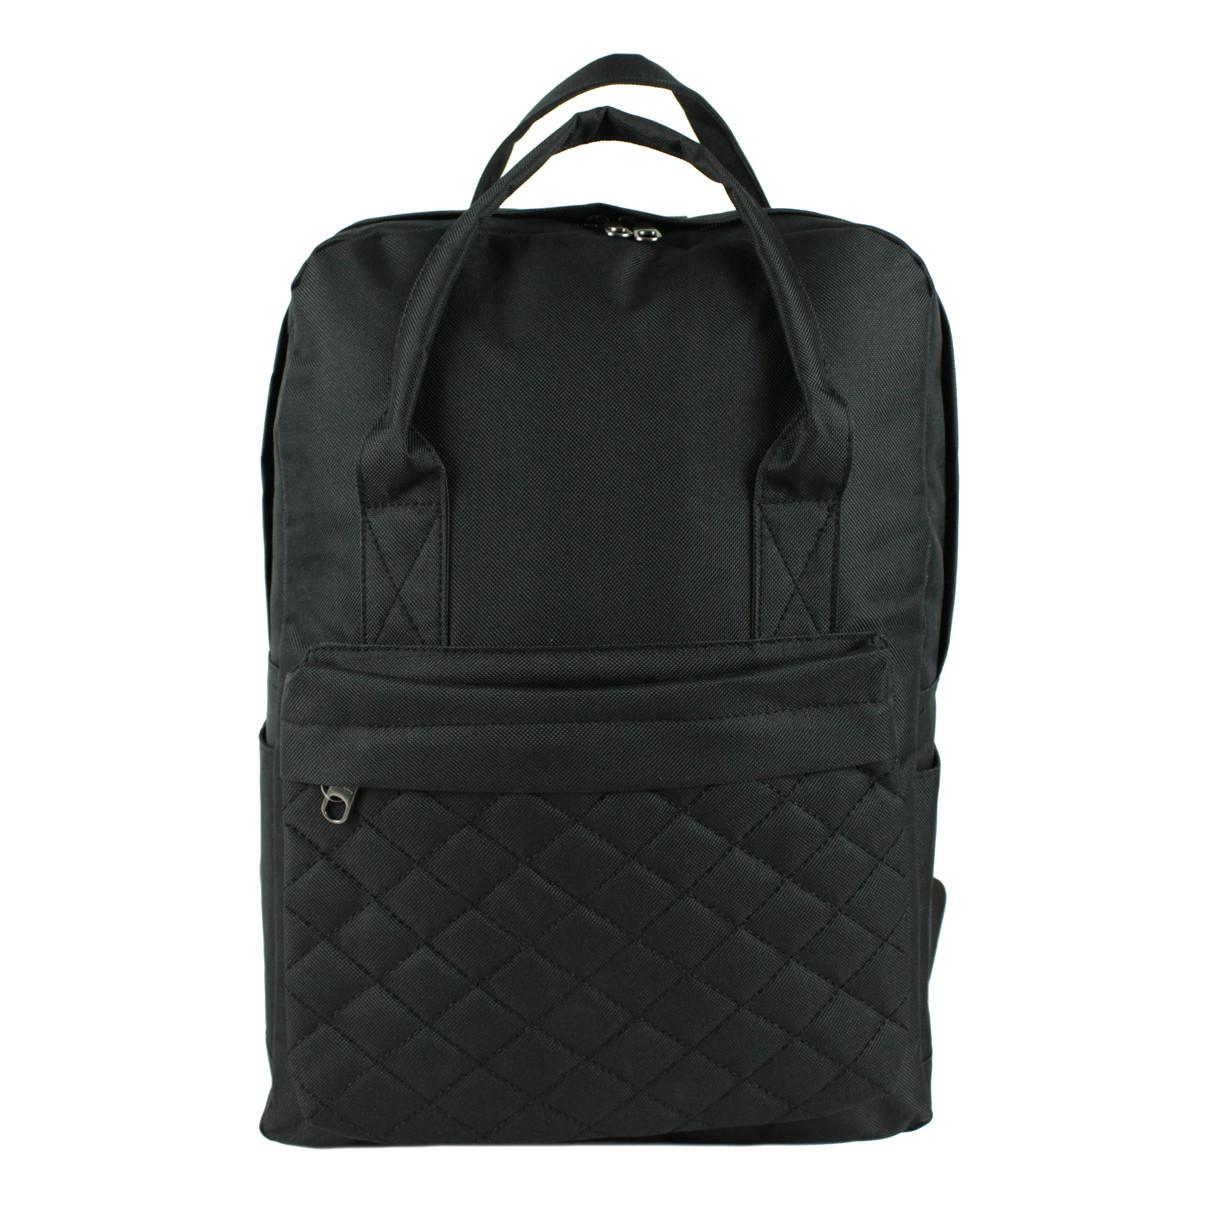 Рюкзак-сумка стеганая для школы из текстиля черная